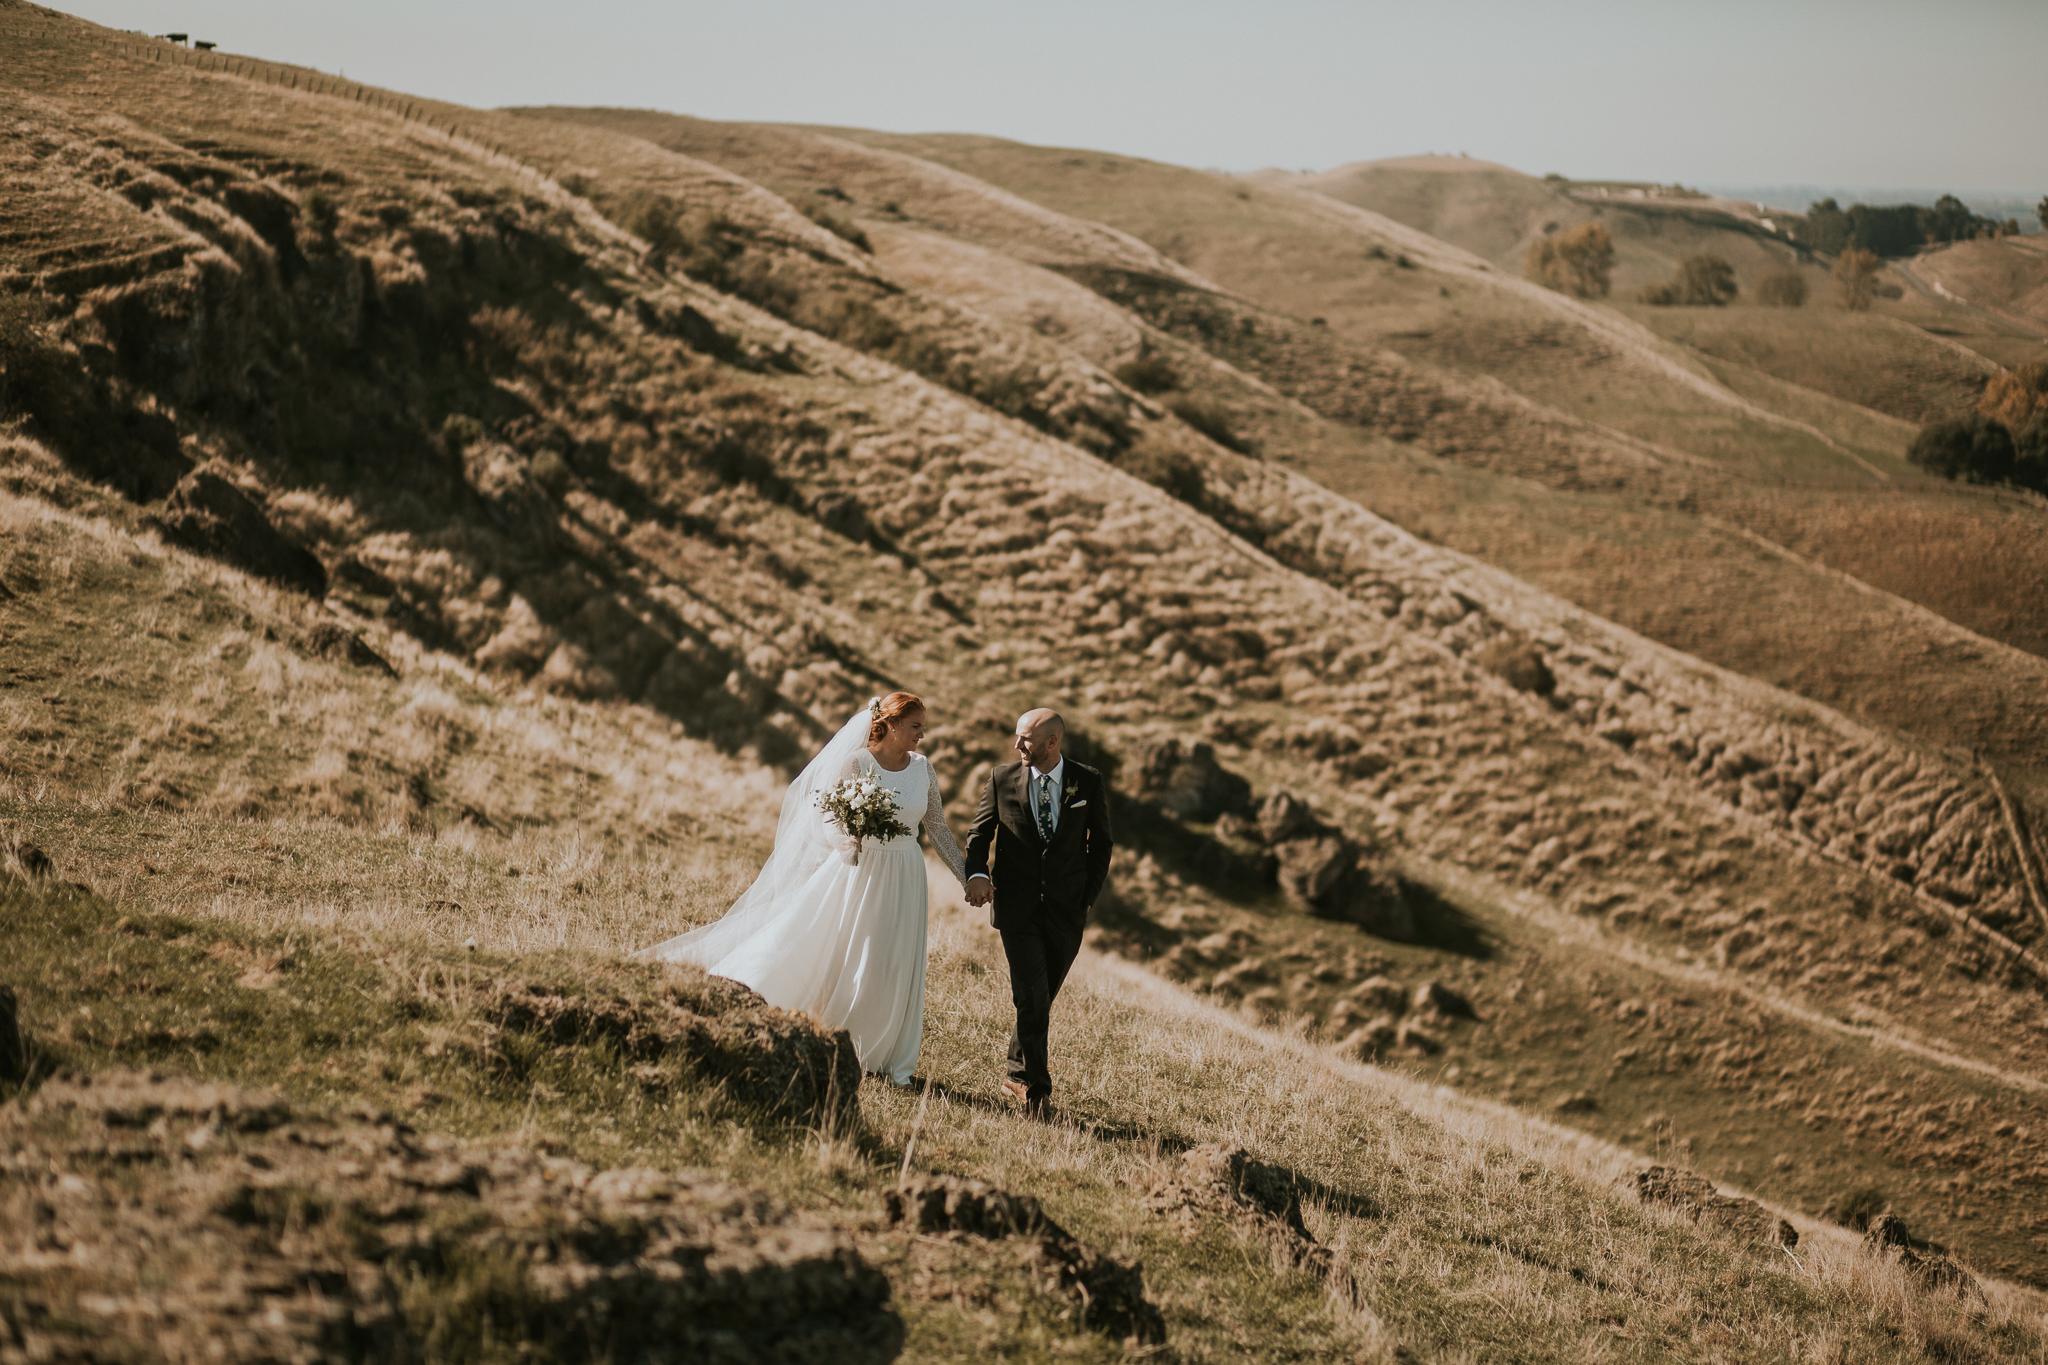 wedding photographer hawkes bay , Lisa Fisher Photography, Selini Winery Wedding -99.jpg